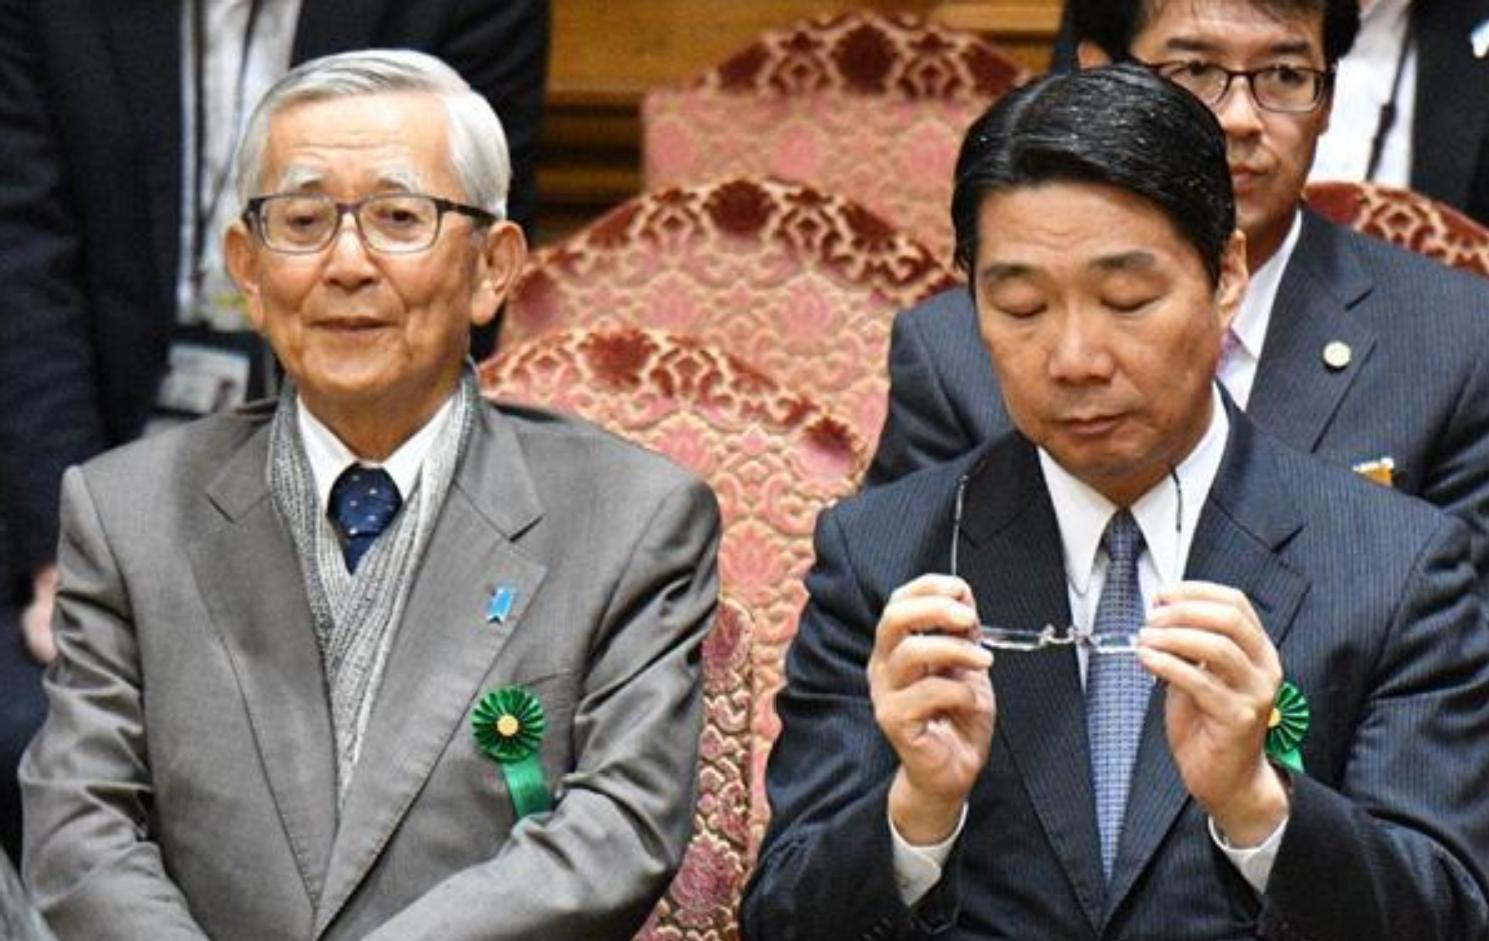 加戸前愛媛県知事と前川前文科事務次官